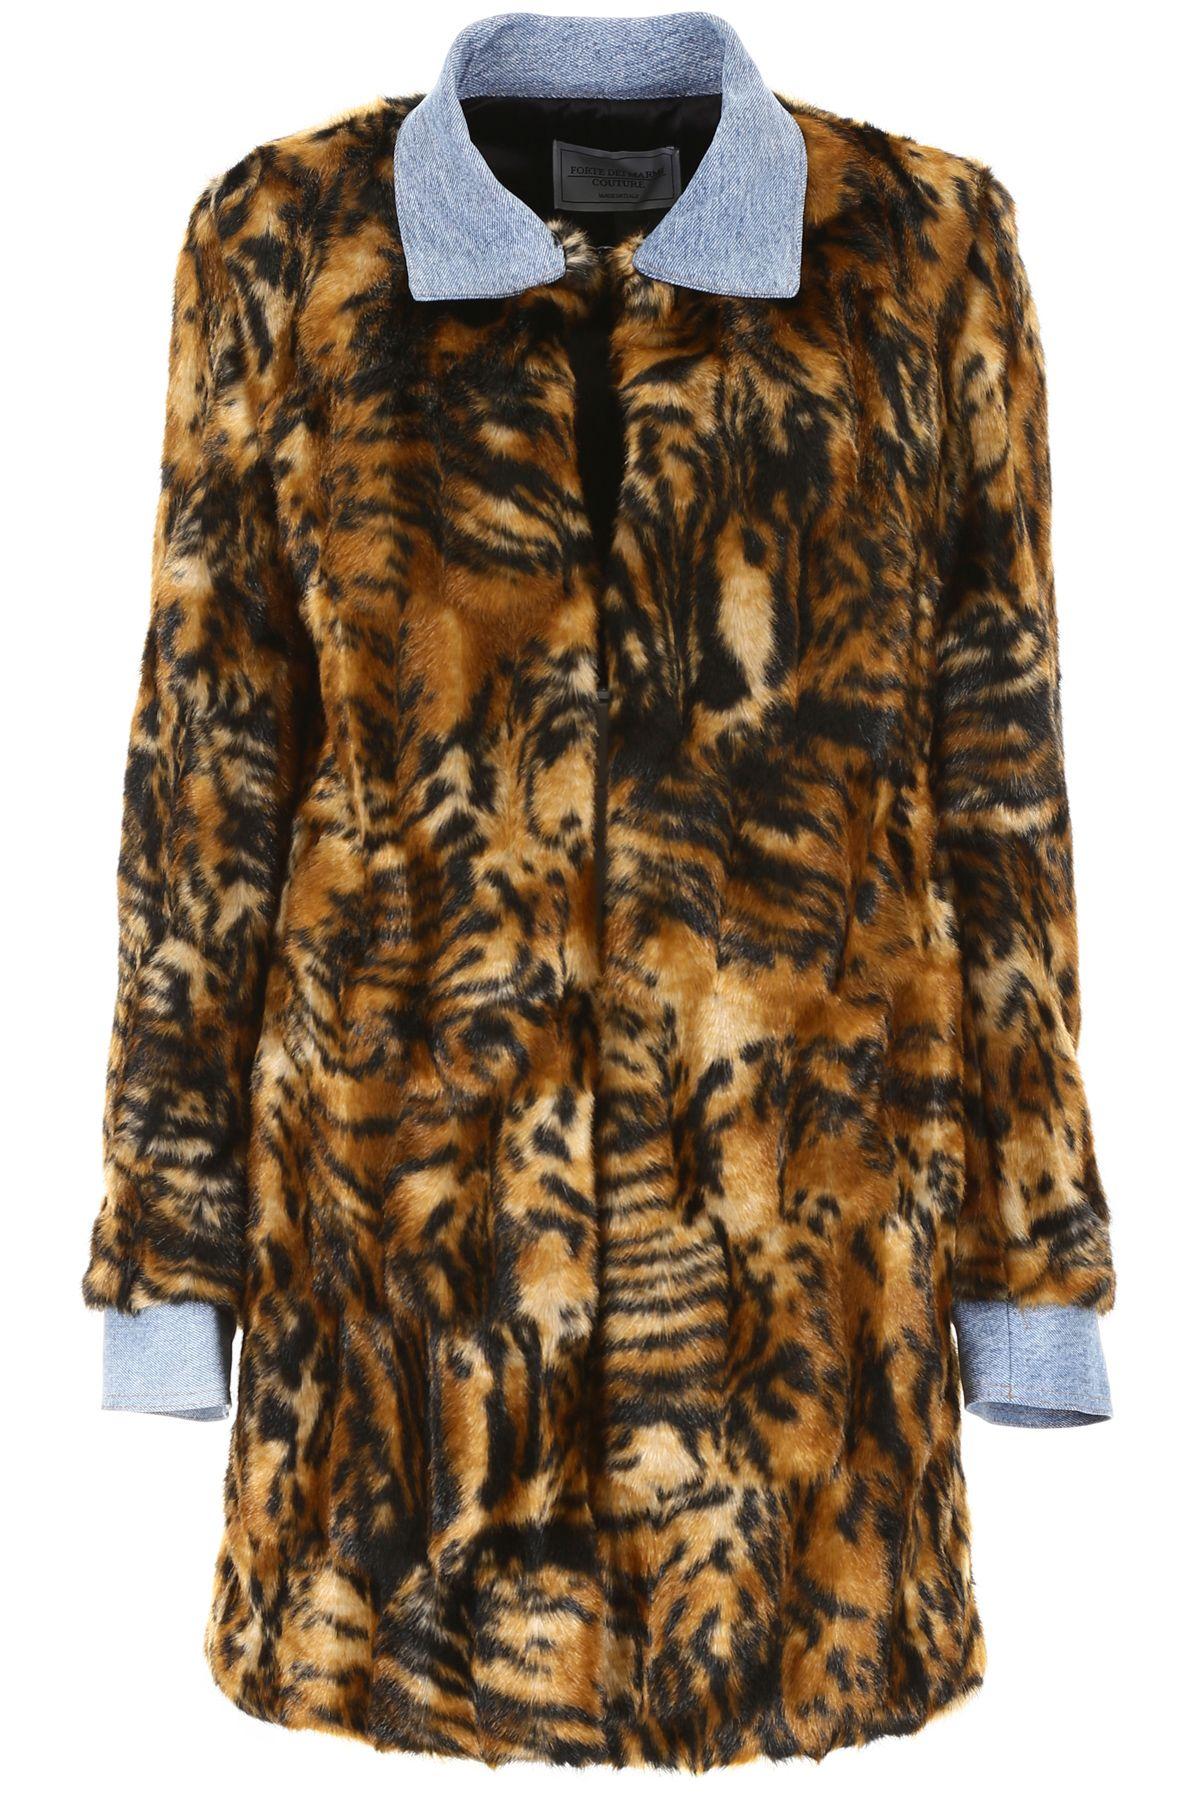 FORTE COUTURE Zita Coat in Multi Denim